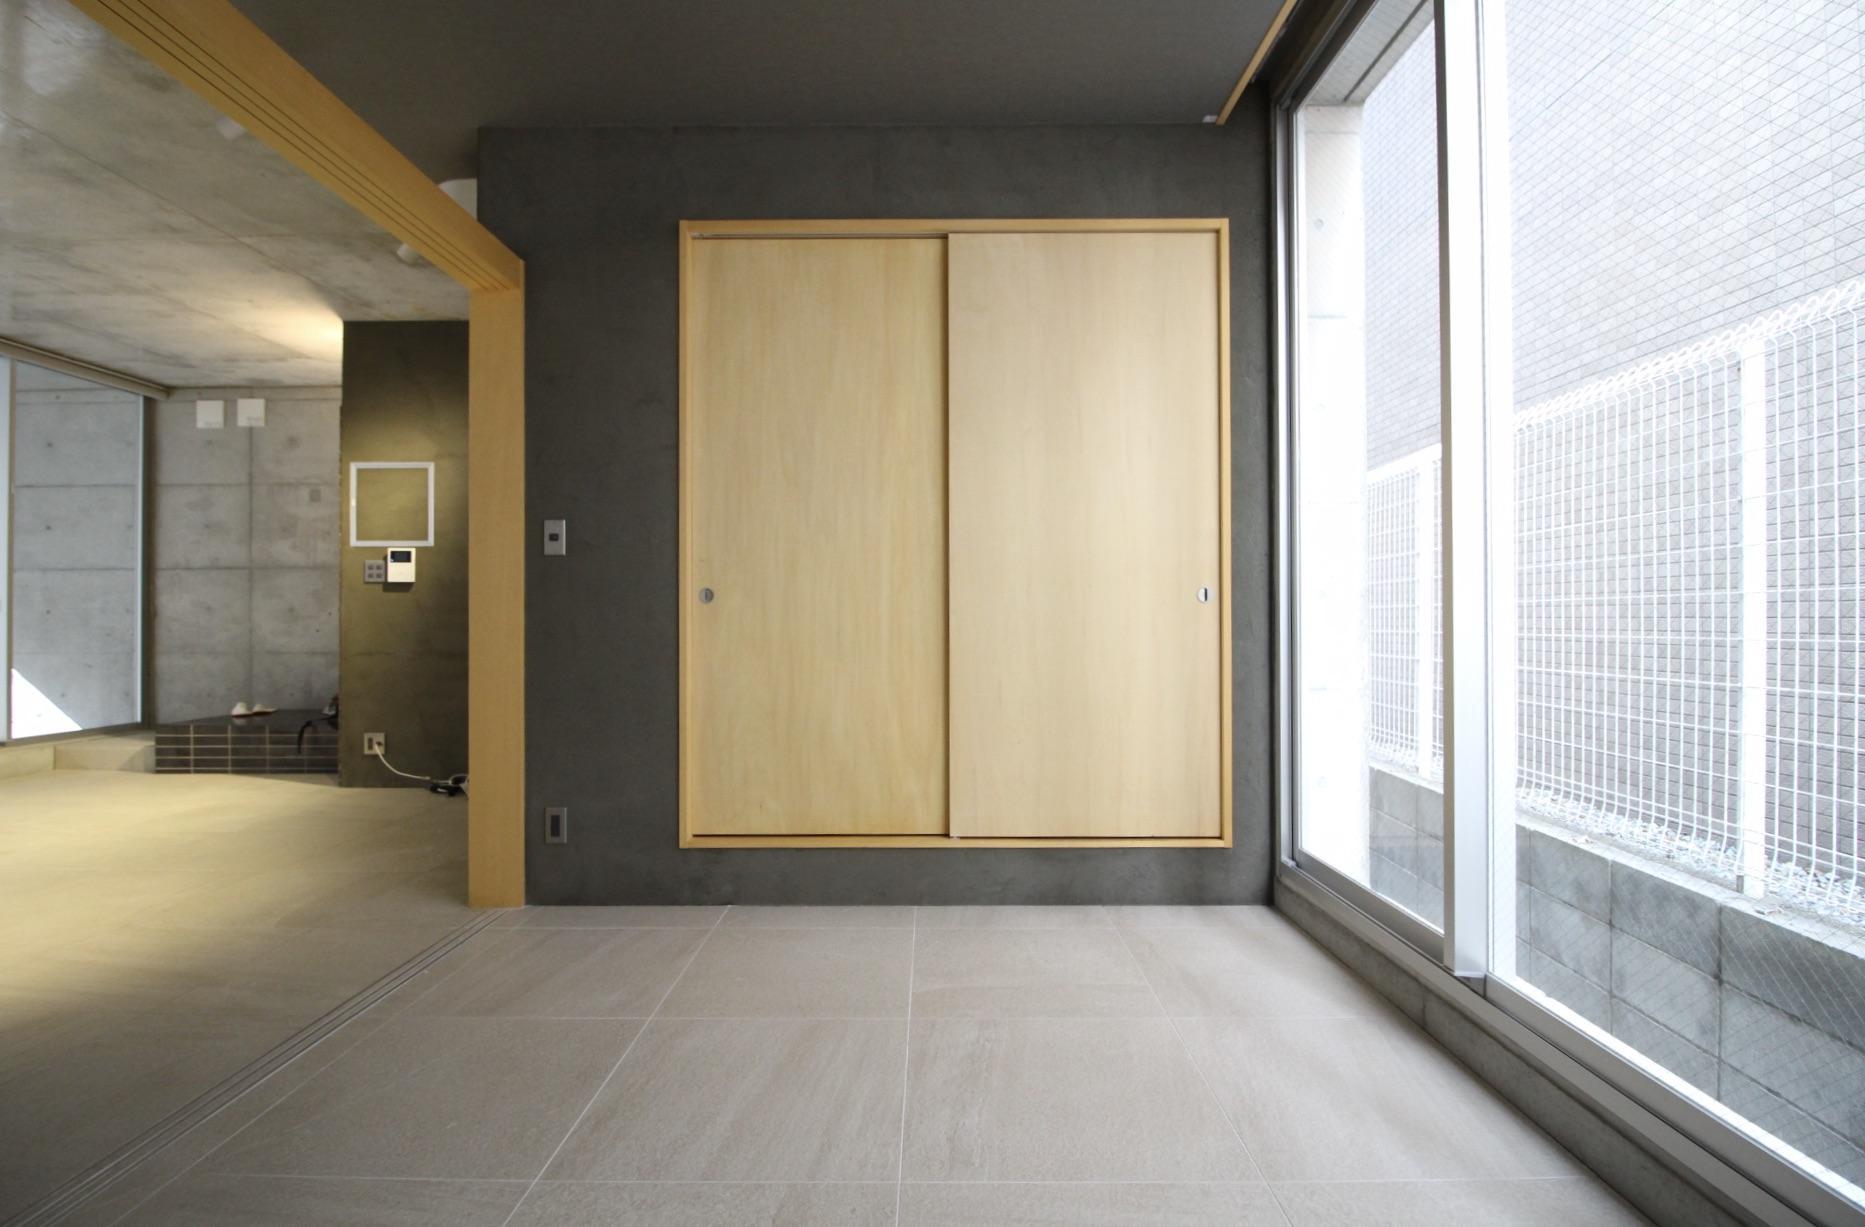 シンプルながら表情のある素材を多用し、建具は木製であたたかみも感じる